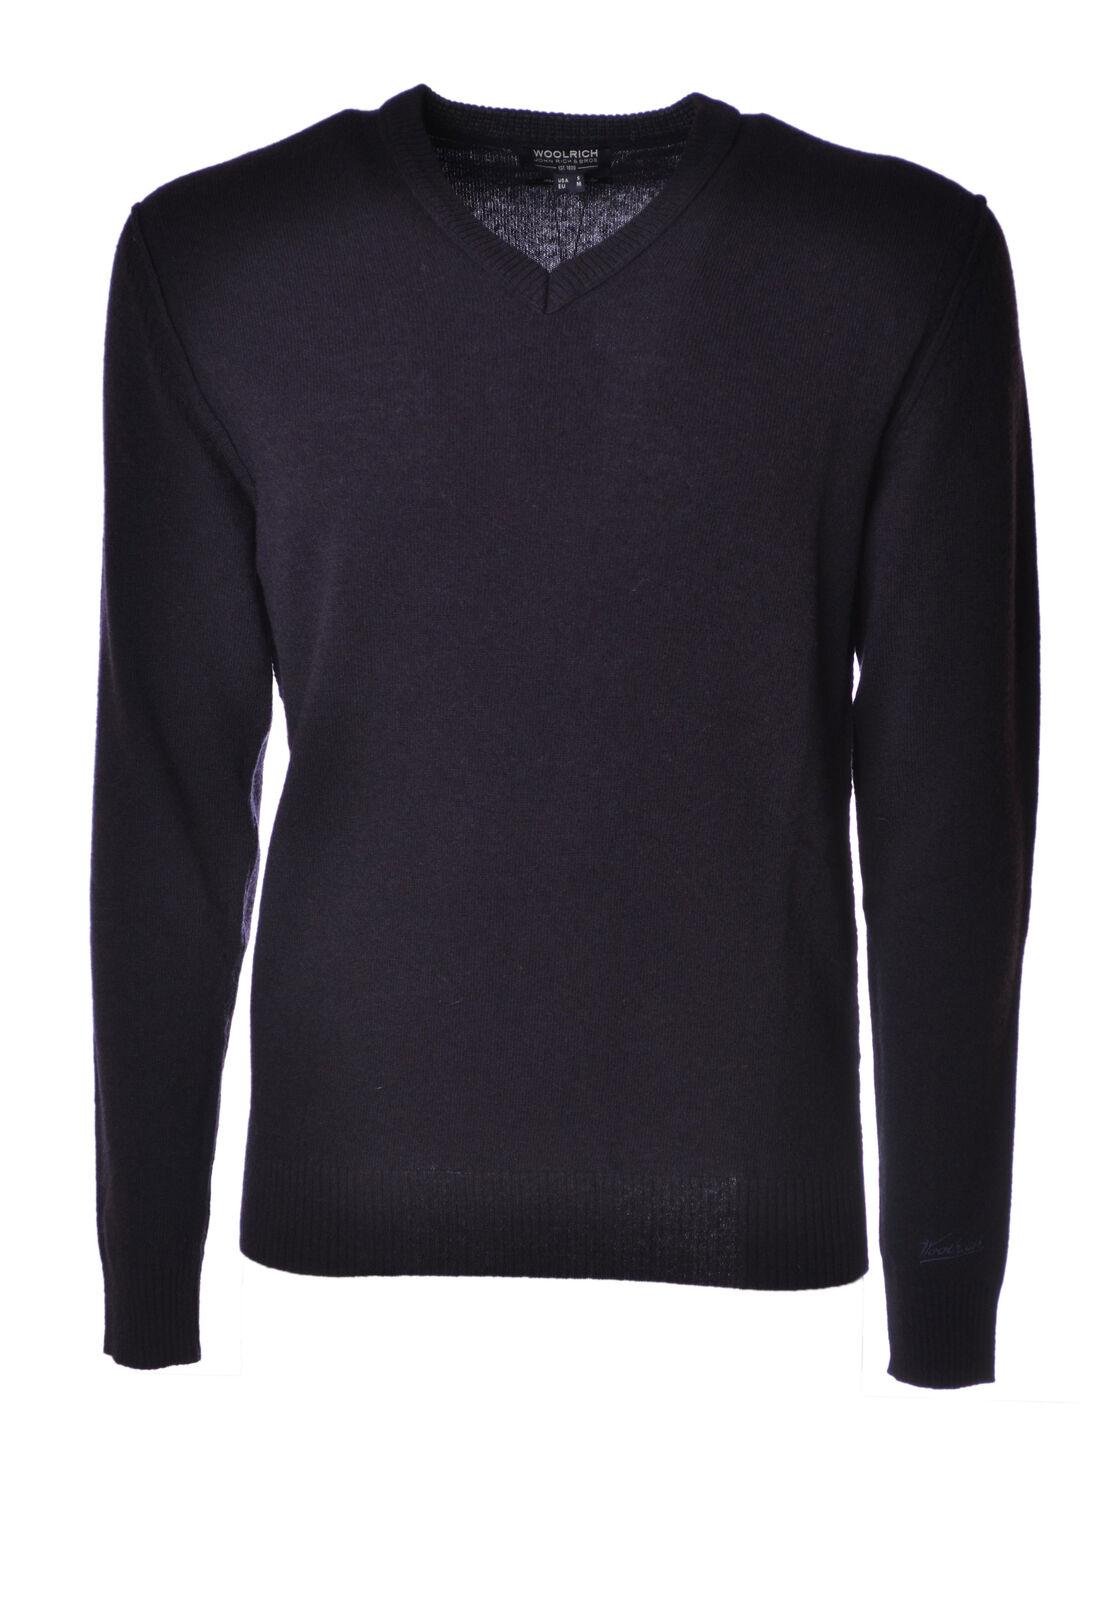 Woolrich  -  Sweaters - Male - Blau - 4217427A185859